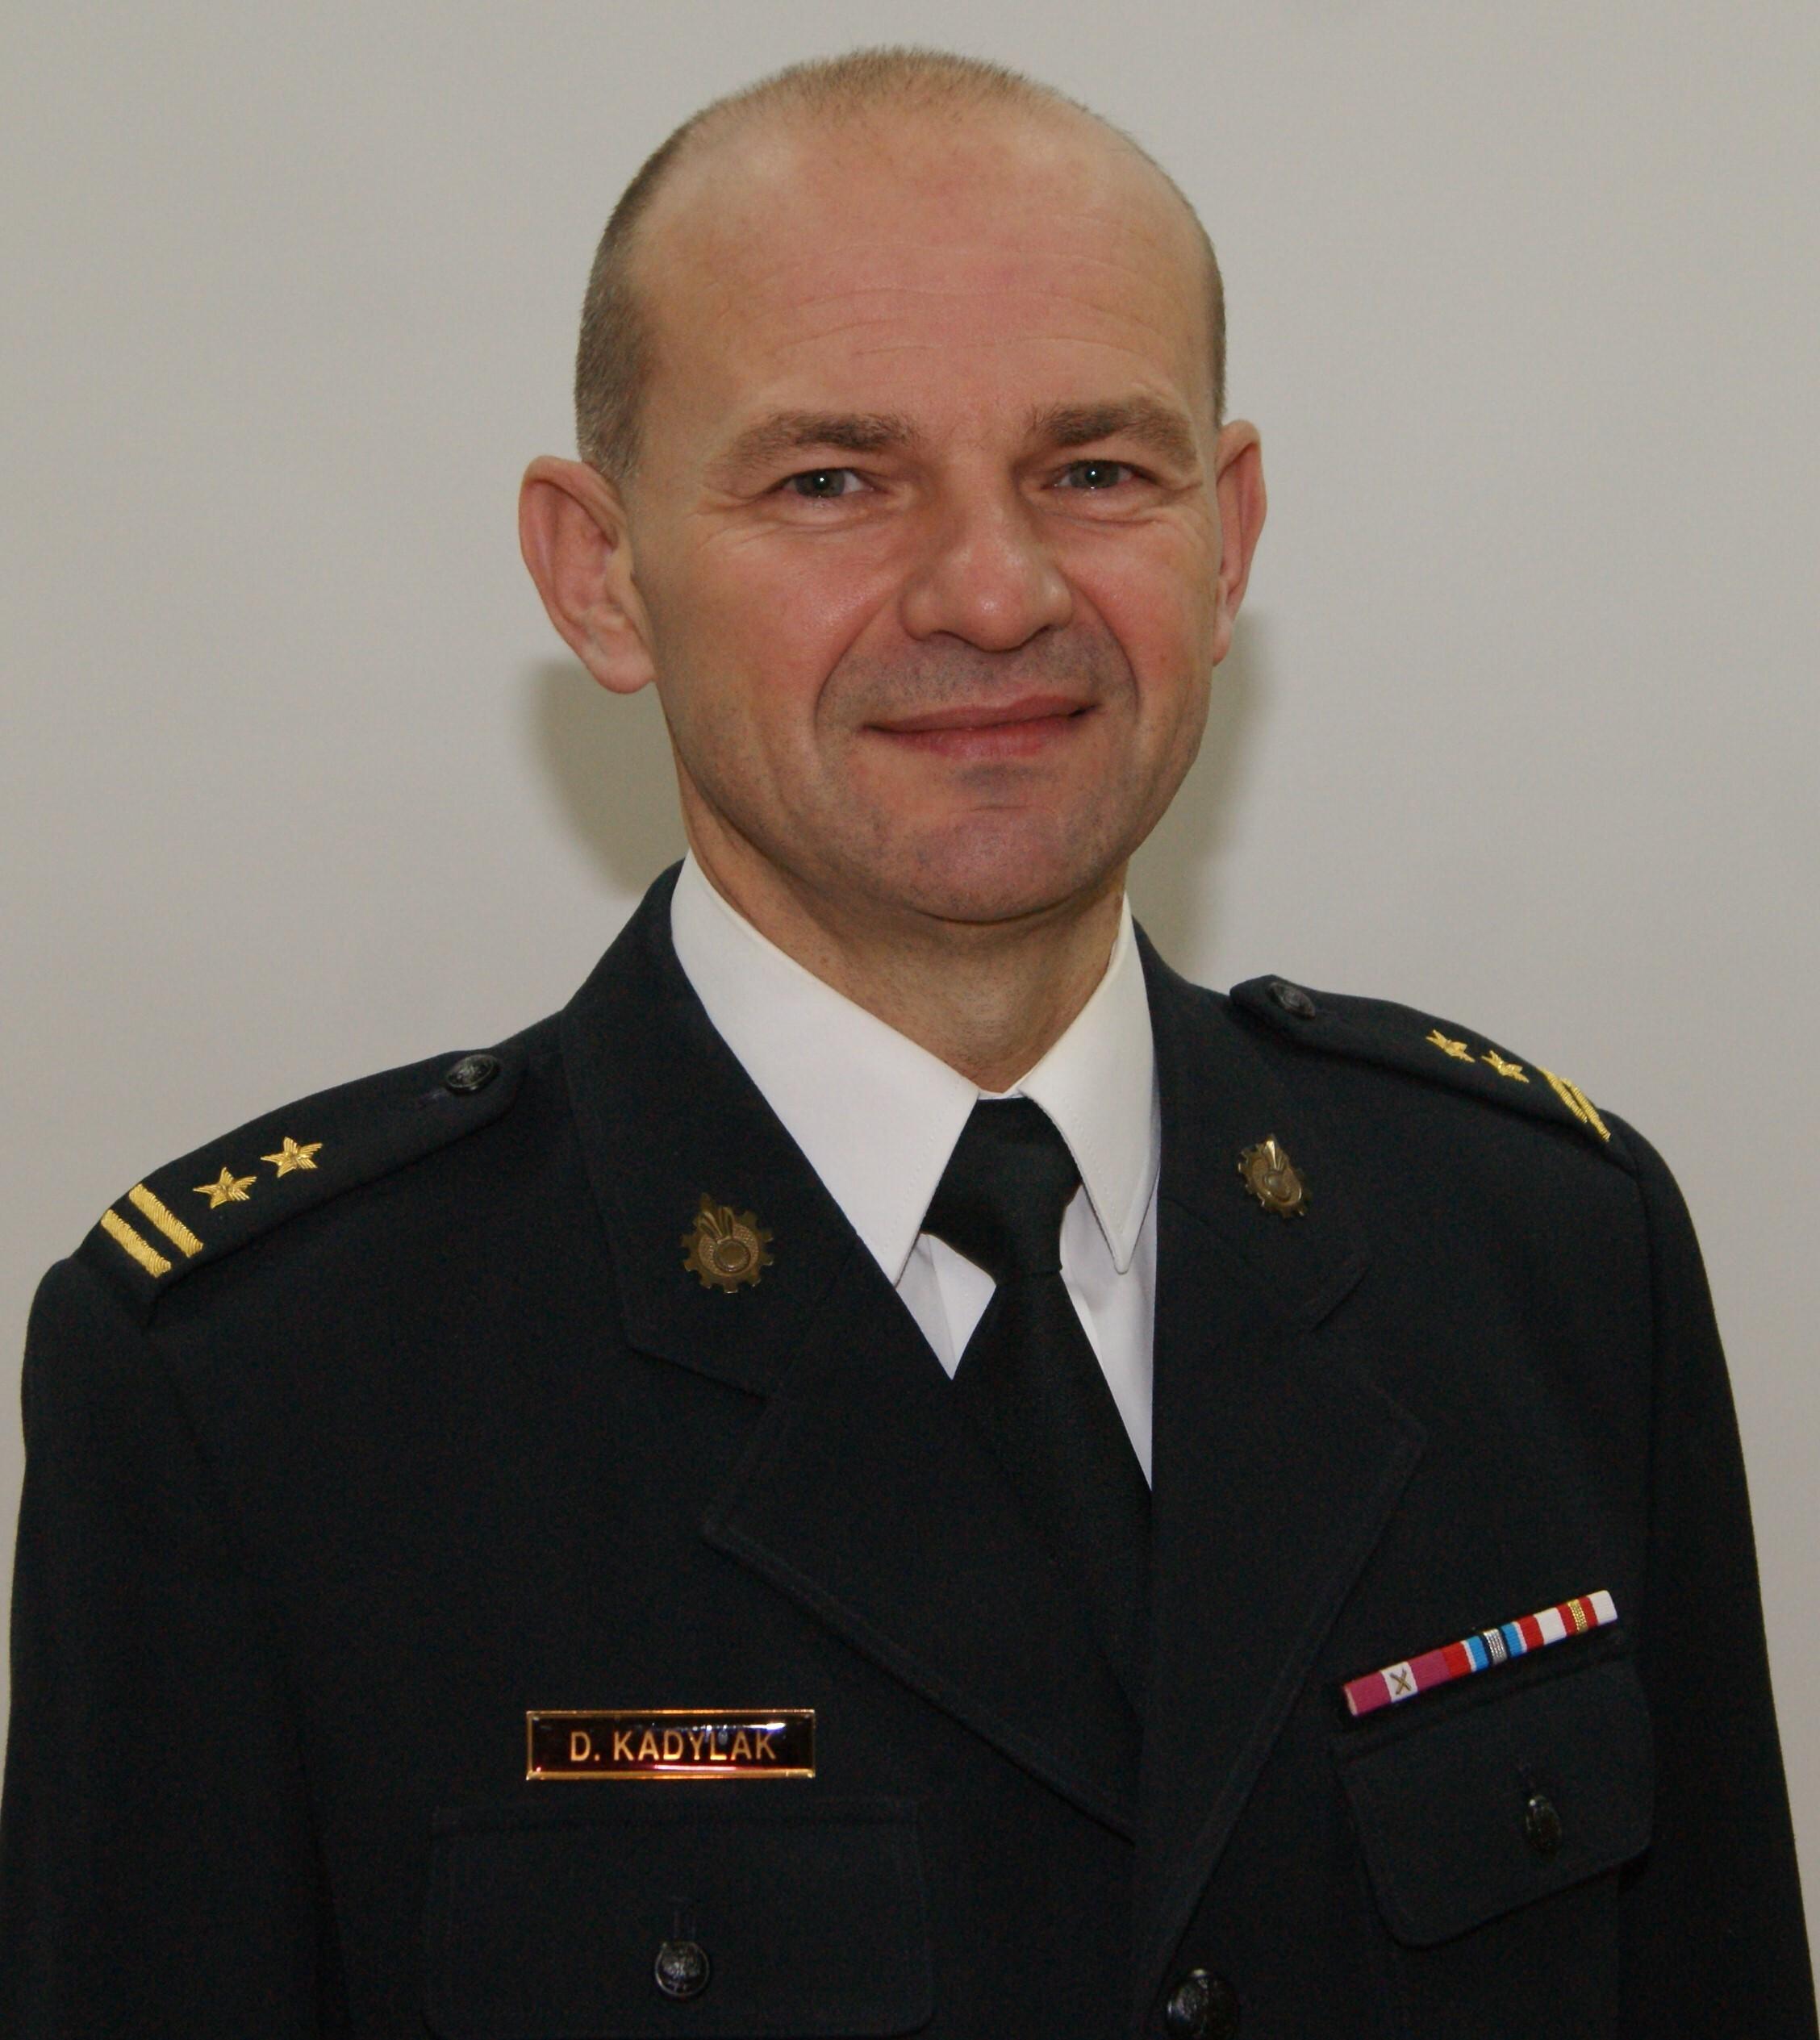 bryg. mag inż. Dariusz Kadylak